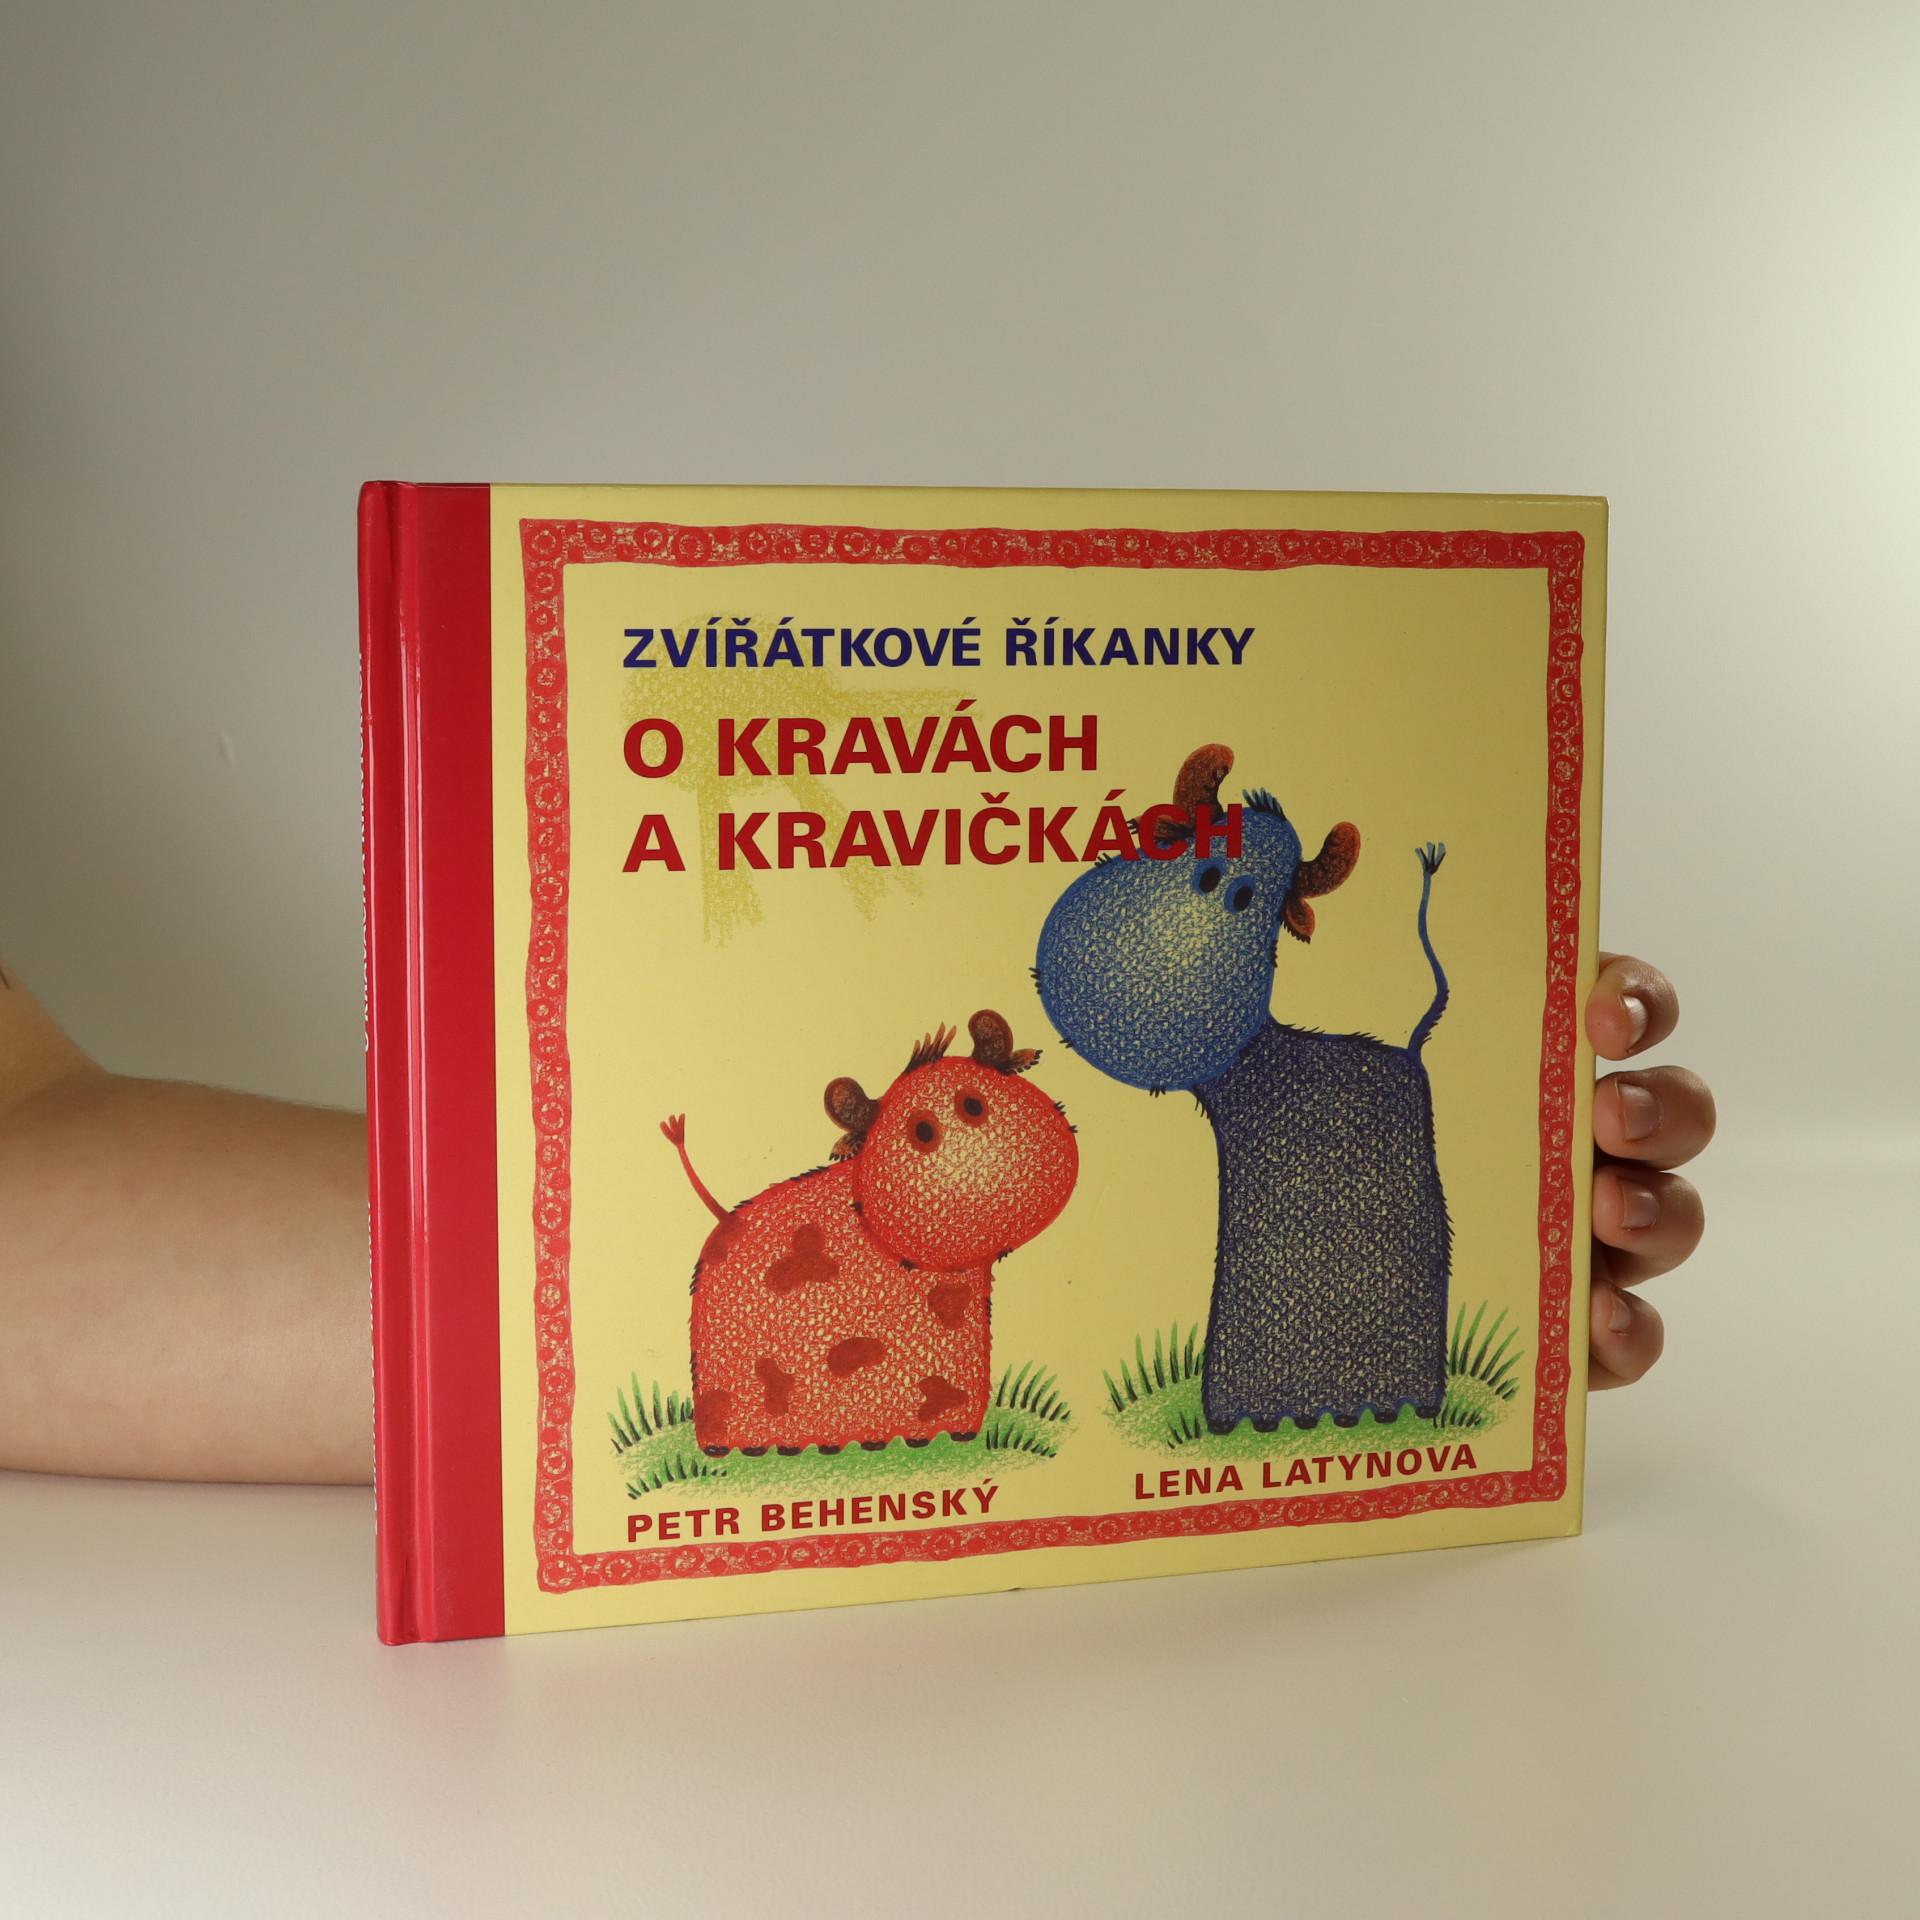 antikvární kniha O kravách a kravičkách. Zvířátkové říkanky, 2006